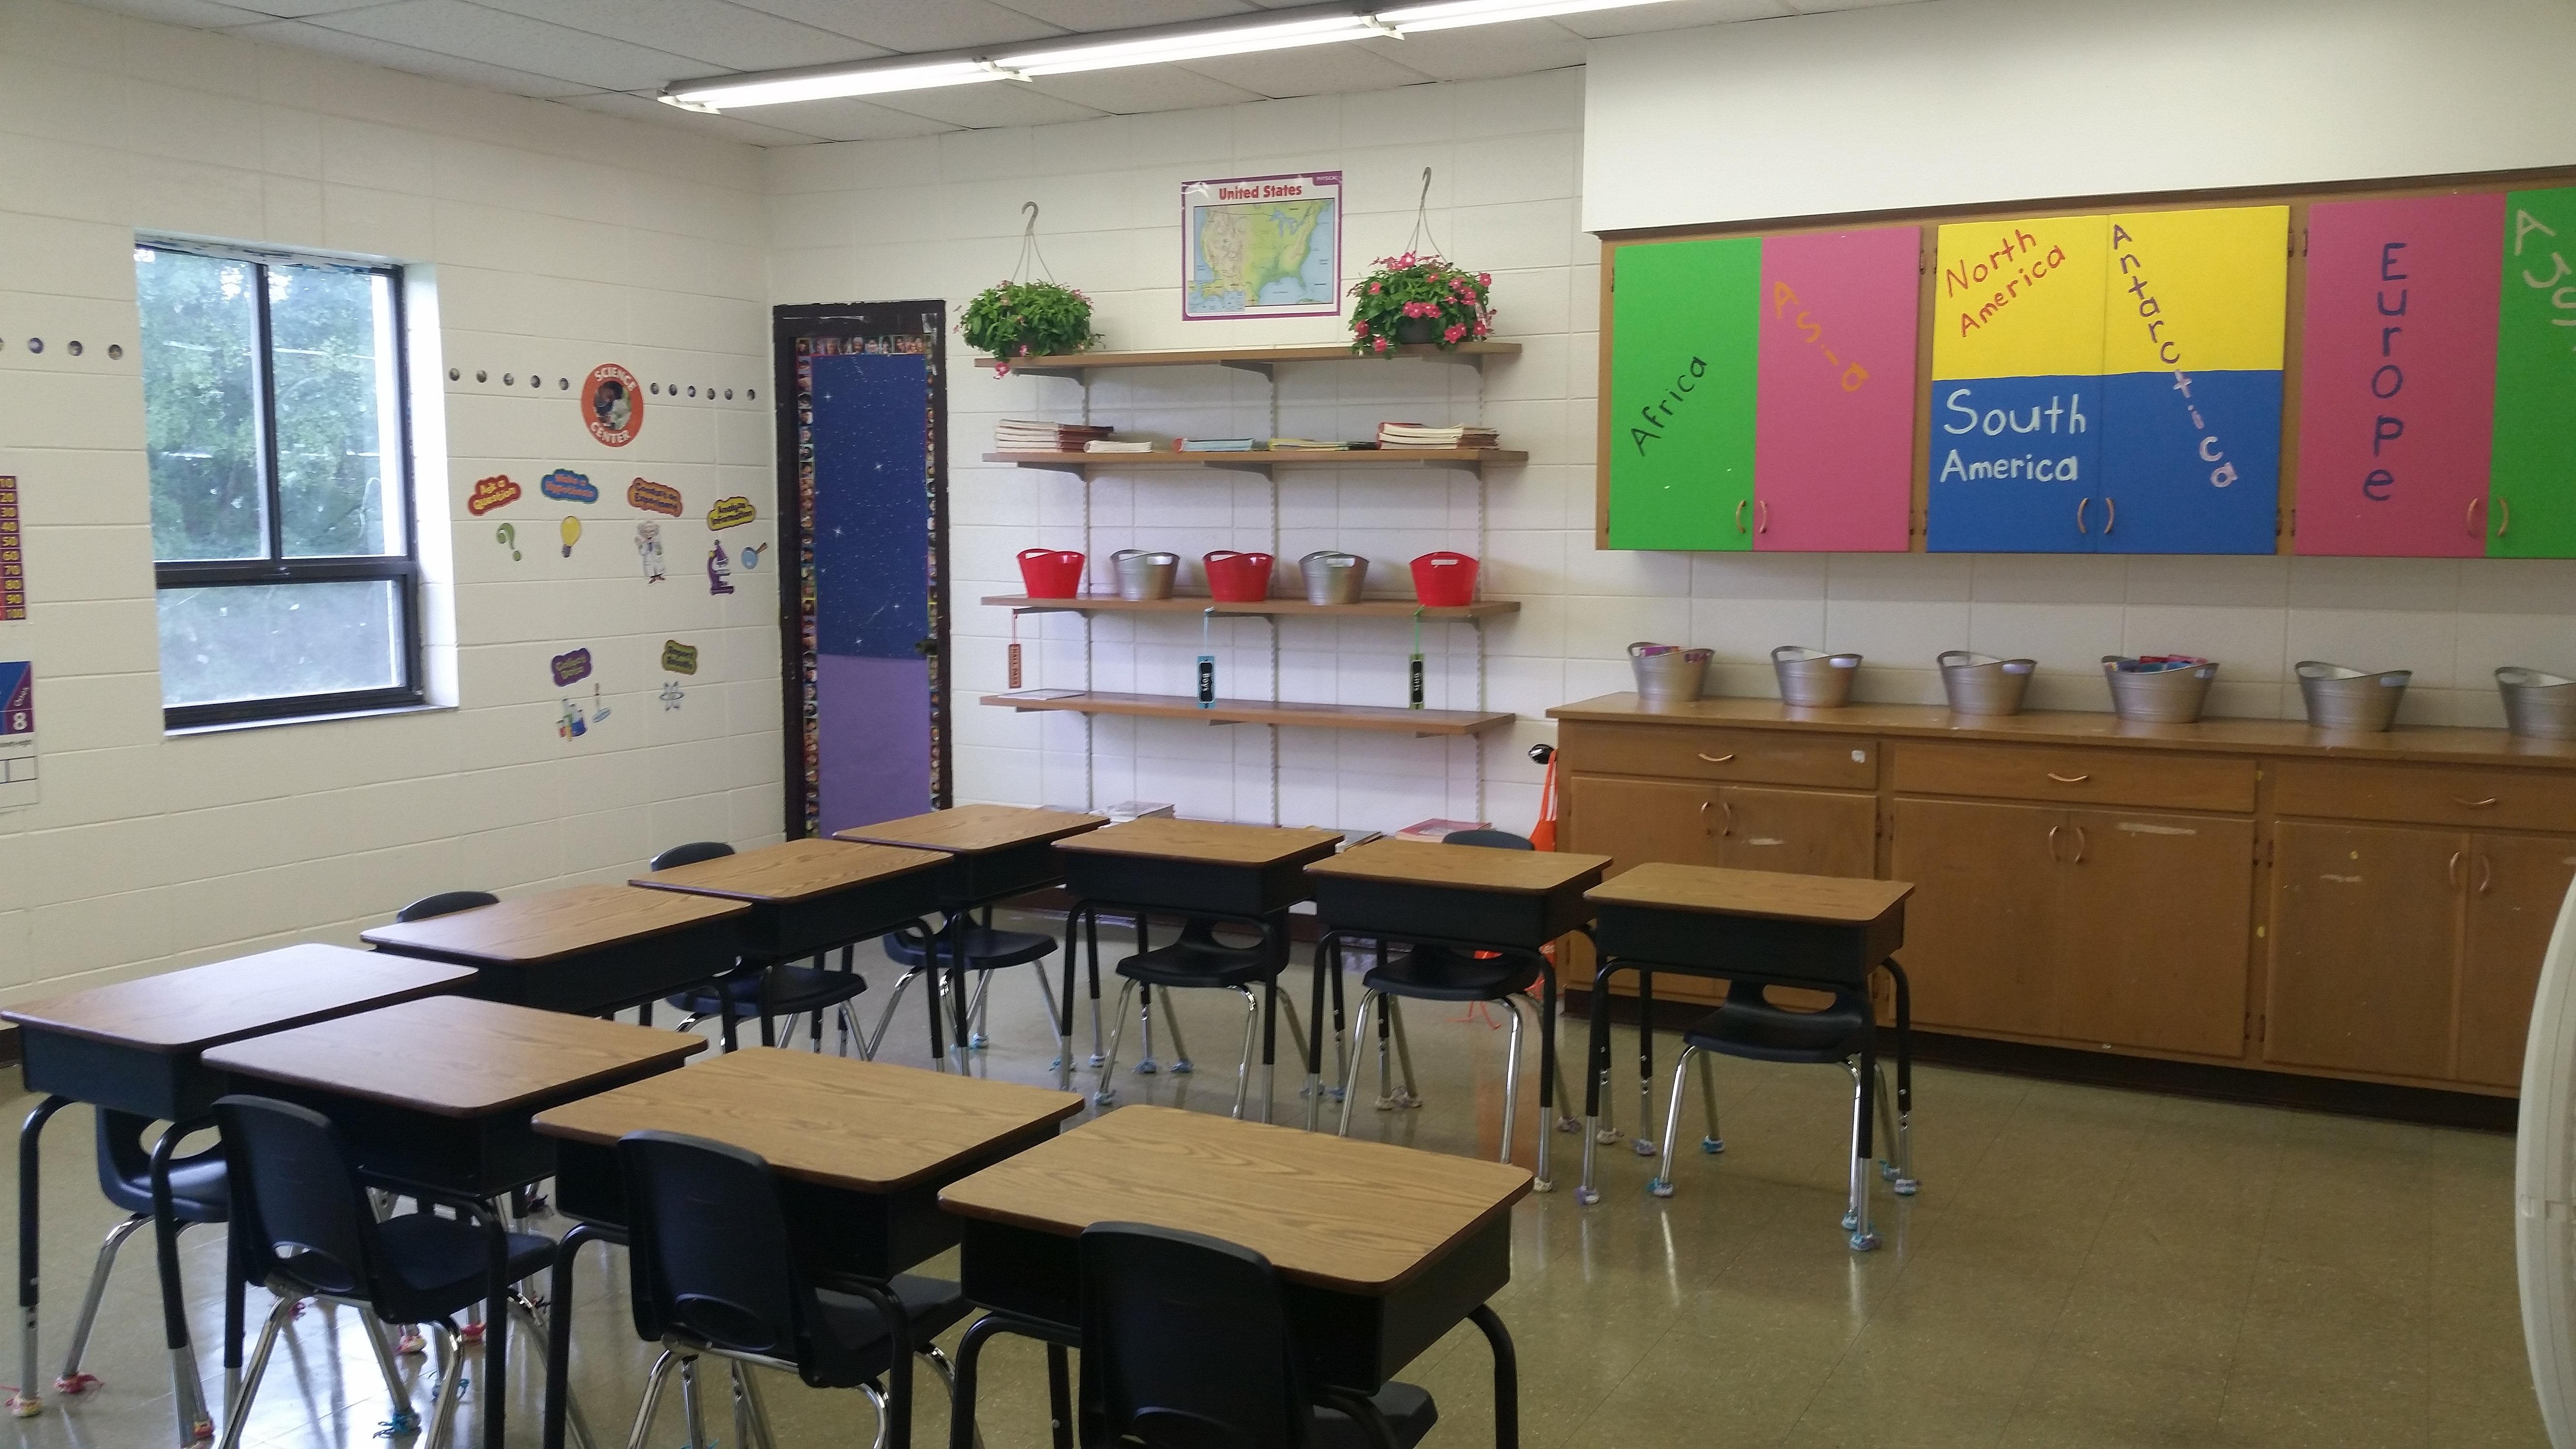 Intellicor Islamic School In Charlotte North Carolina Intellicor - Interior design schools in nc